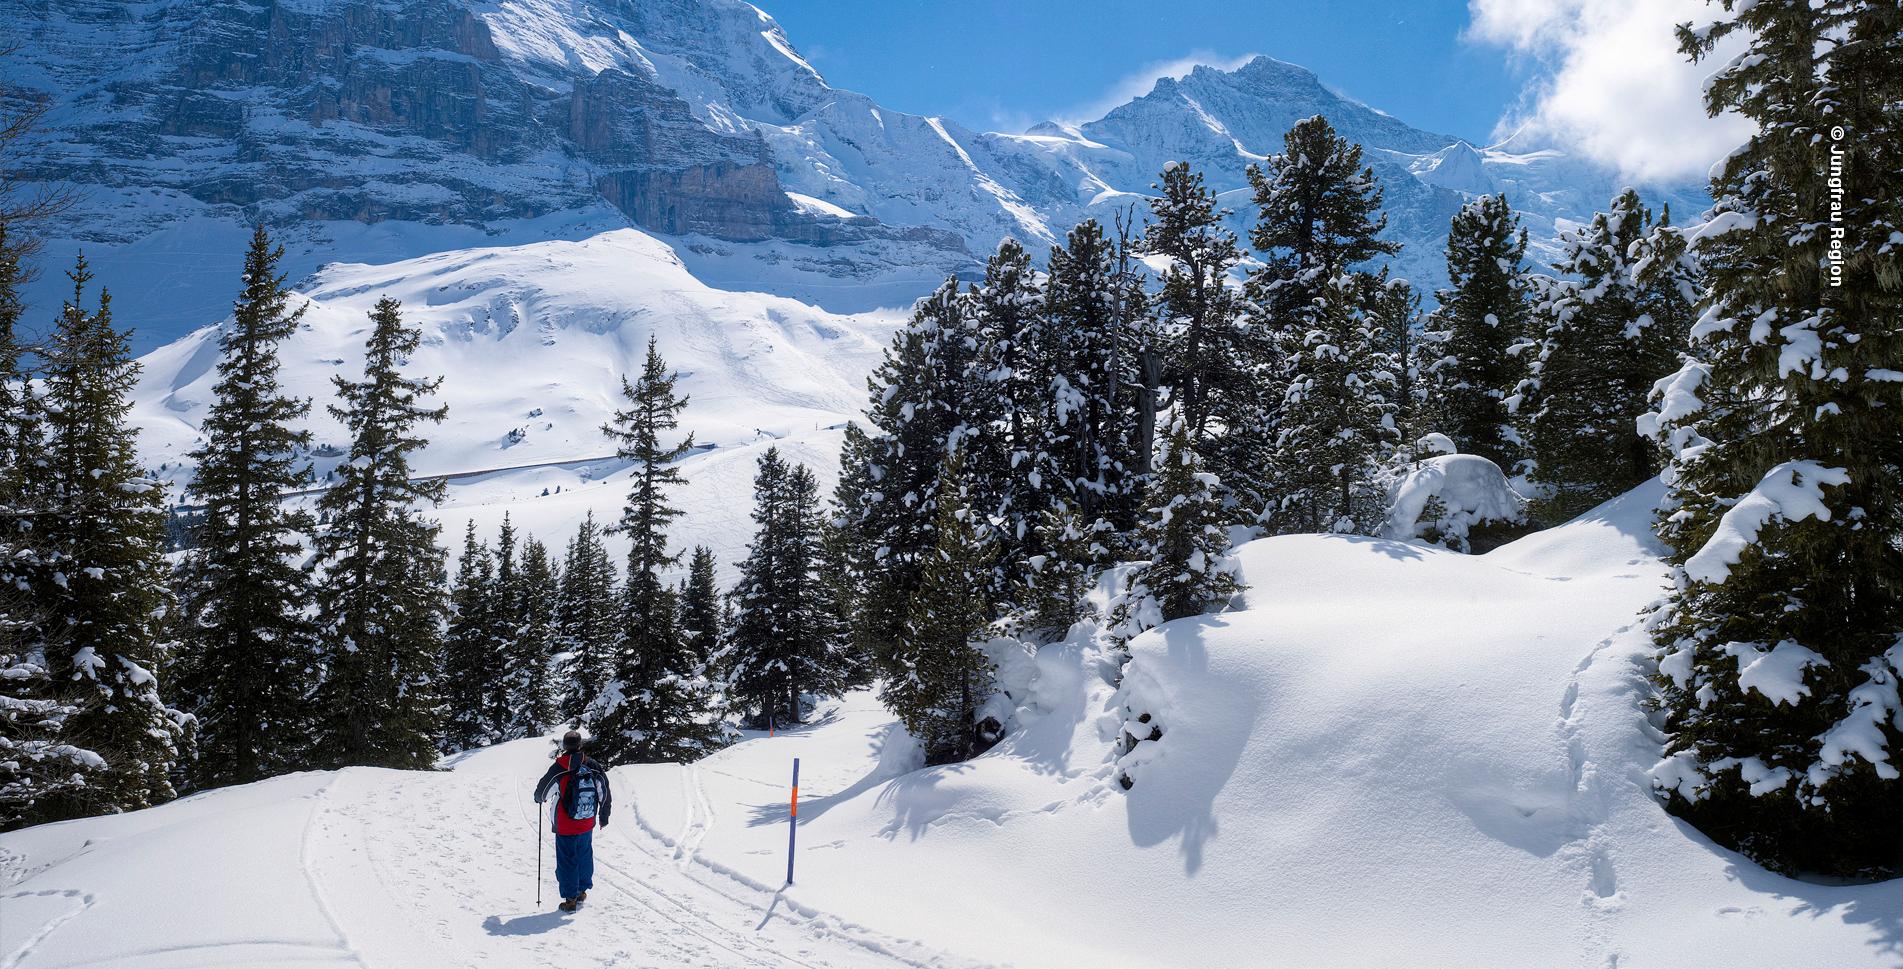 Winterwanderung vom Männlichen auf die Kleine Scheidegg (Wengen, Grindelwald)